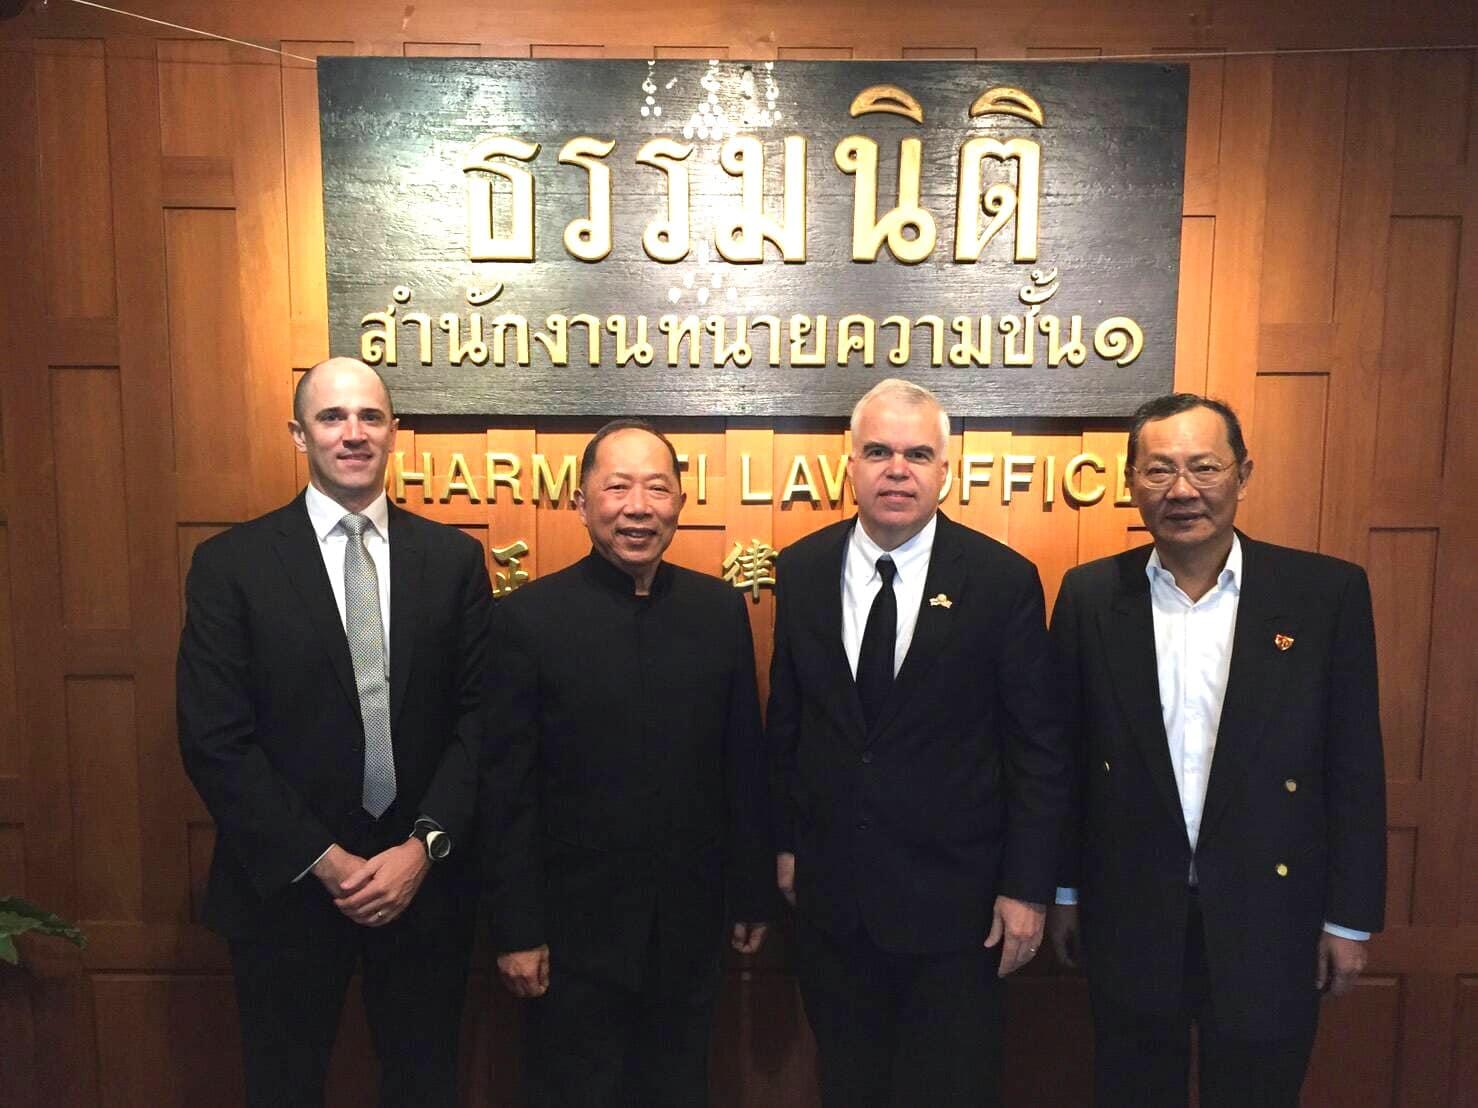 อัครราชทูตที่ปรึกษา สถานเอกอัครราชทูตสหรัฐอเมริกาประจำประเทศไทย ให้เกียรติเยี่ยมชมสำนักกฎหมายธรรมนิติ